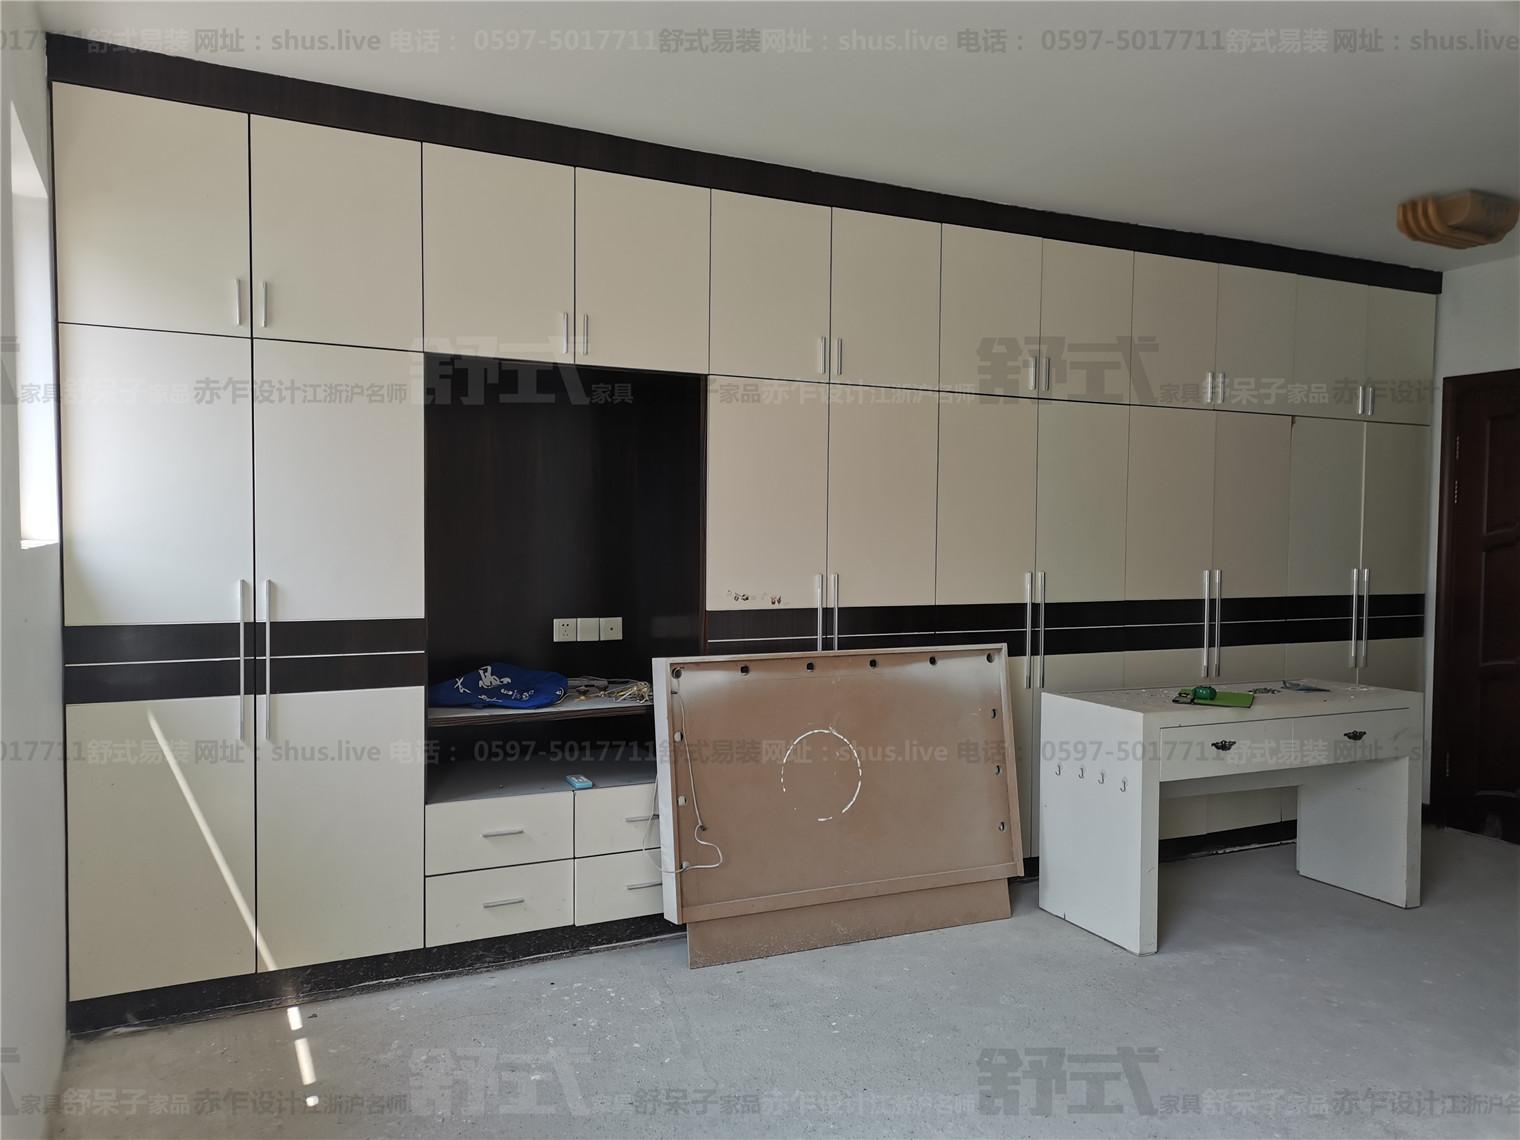 旧房改造-御佳园-衣柜/鞋柜/电视背景墙-舒式易装